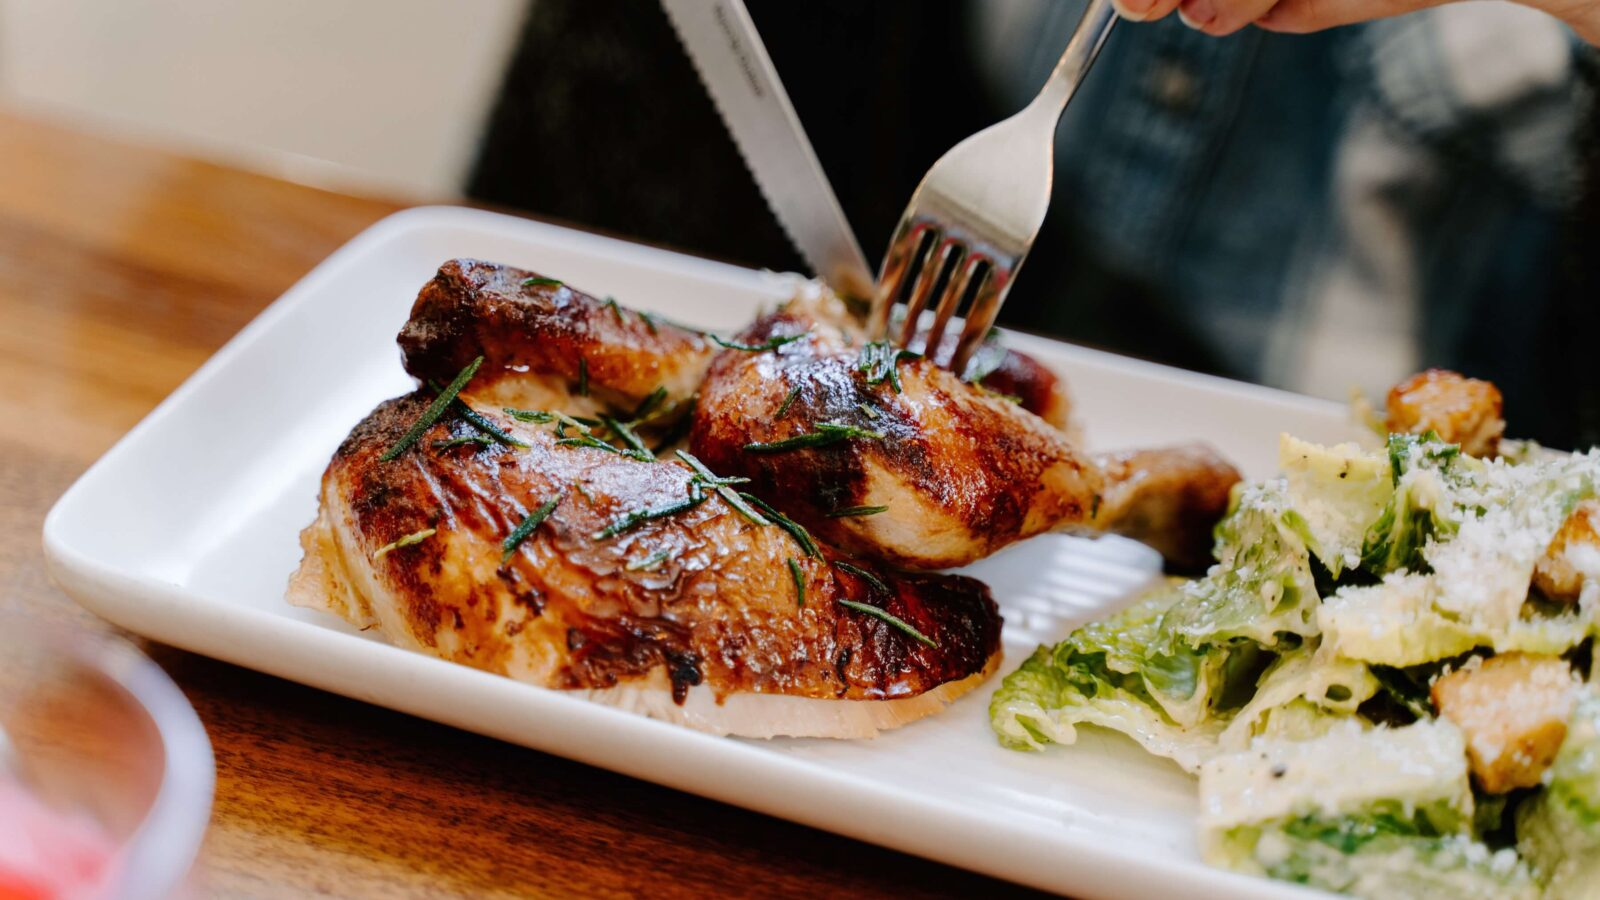 Opskrifter med kylling